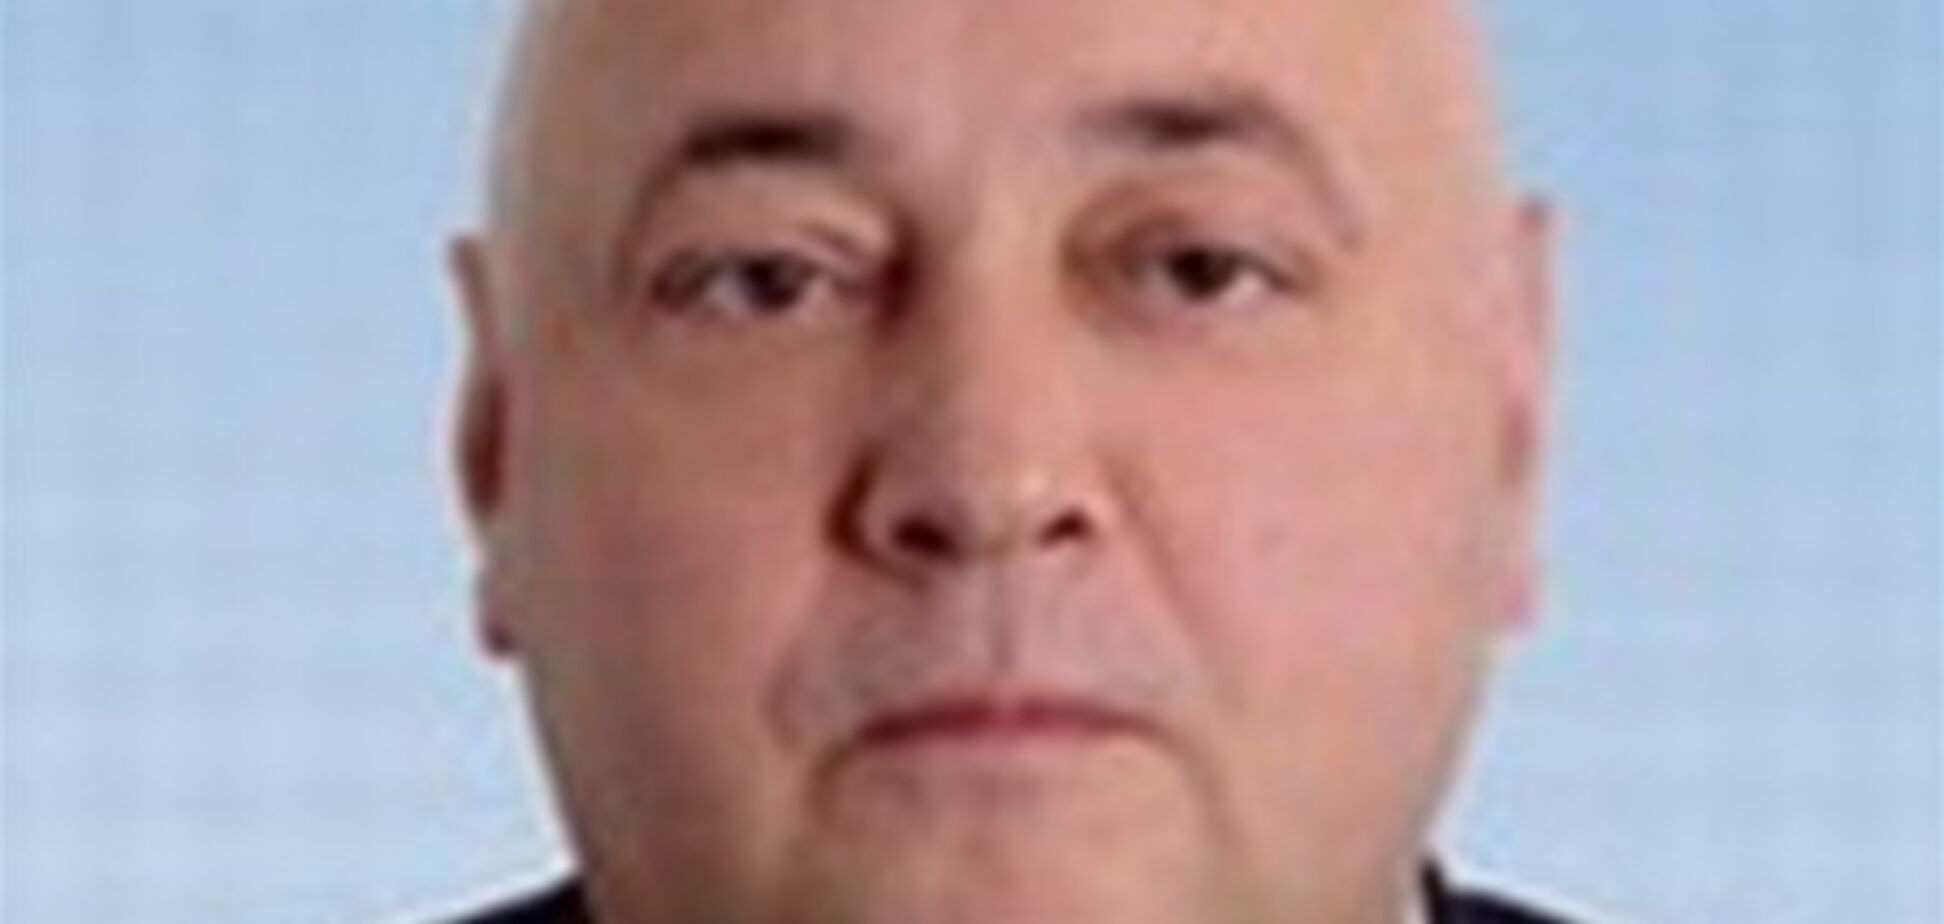 Соратник Литвина погиб из-за отсутствия спасателей?